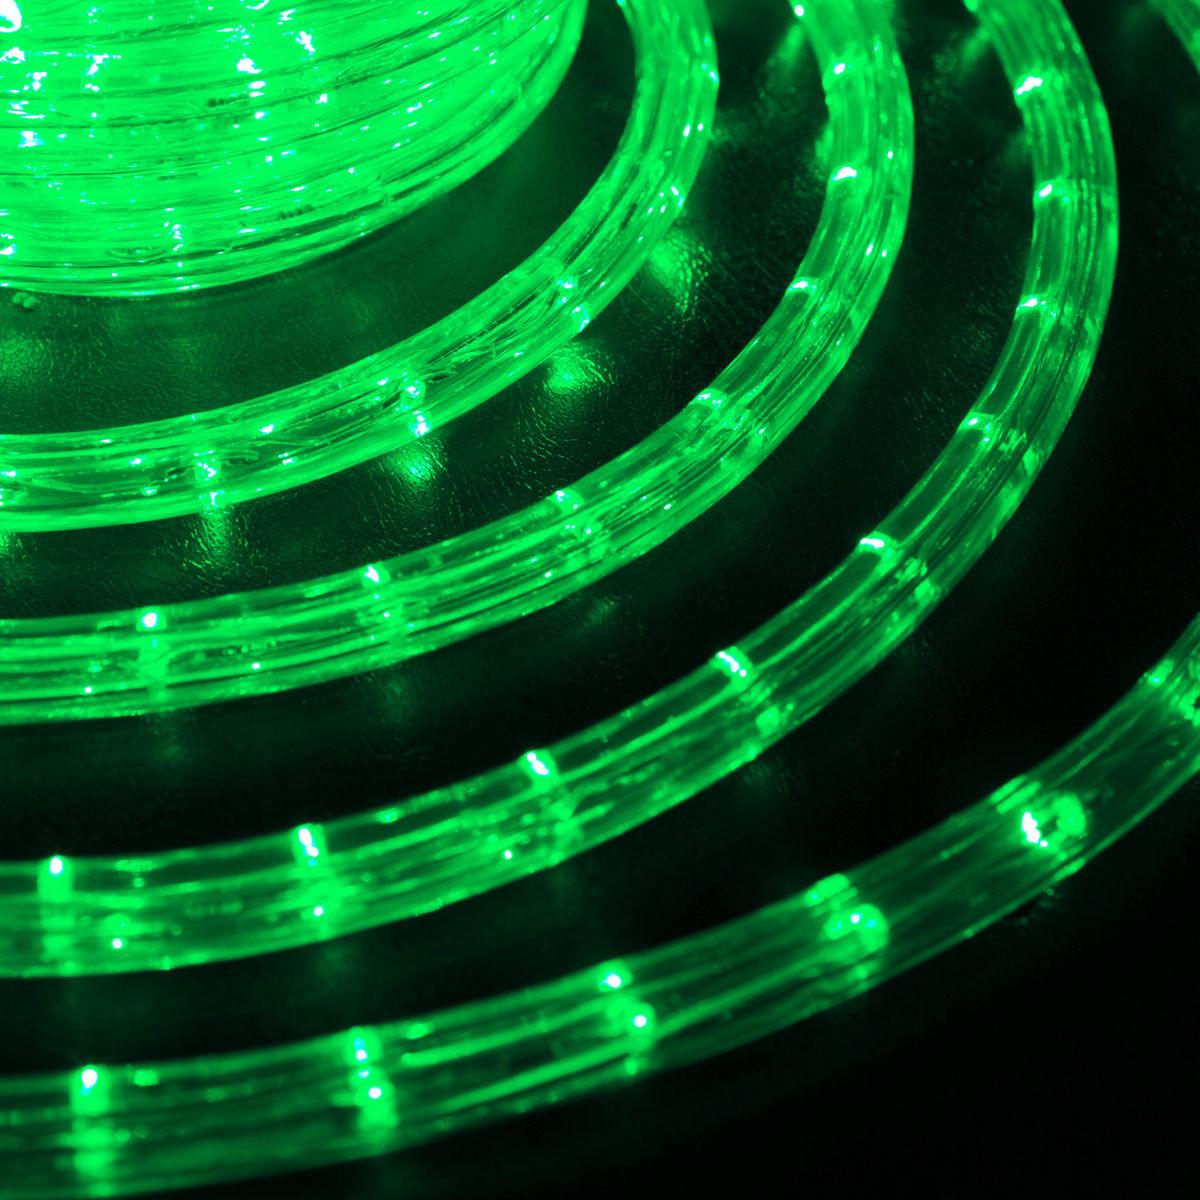 LED 10 метров готового набора шланга дюралайт 10 метров зеленый цвет вилка коннектор сетевой